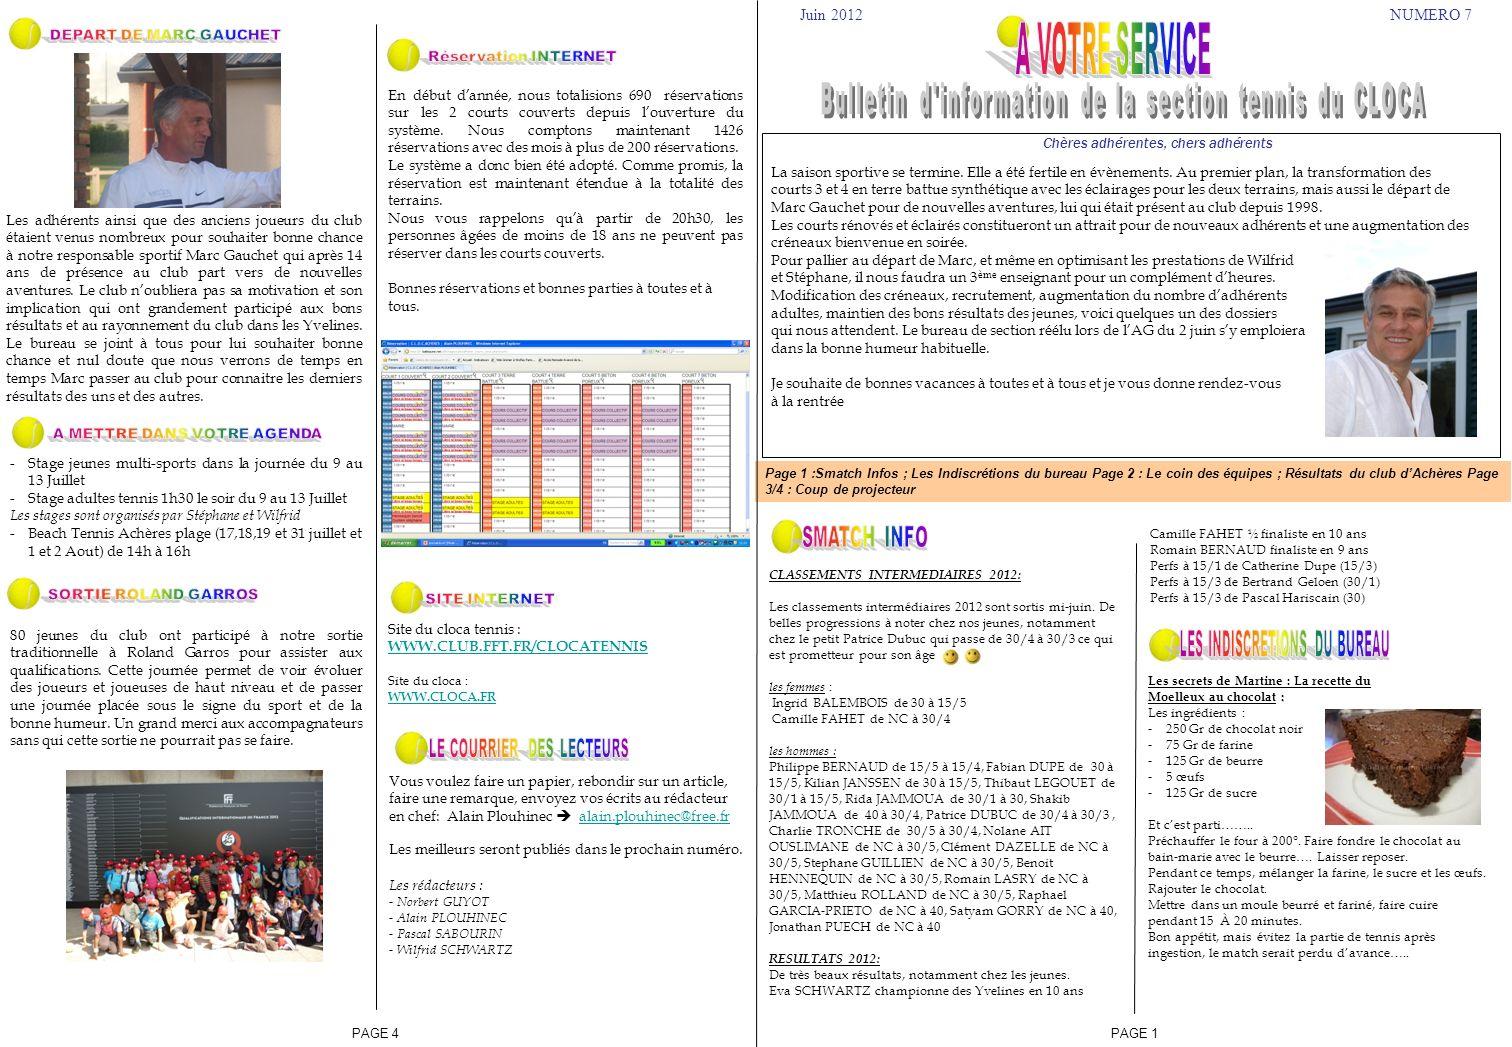 Page 1 :Smatch Infos ; Les Indiscrétions du bureau Page 2 : Le coin des équipes ; Résultats du club dAchères Page 3/4 : Coup de projecteur Juin 2012NUMERO 7 PAGE 1 CLASSEMENTS INTERMEDIAIRES 2012: Les classements intermédiaires 2012 sont sortis mi-juin.